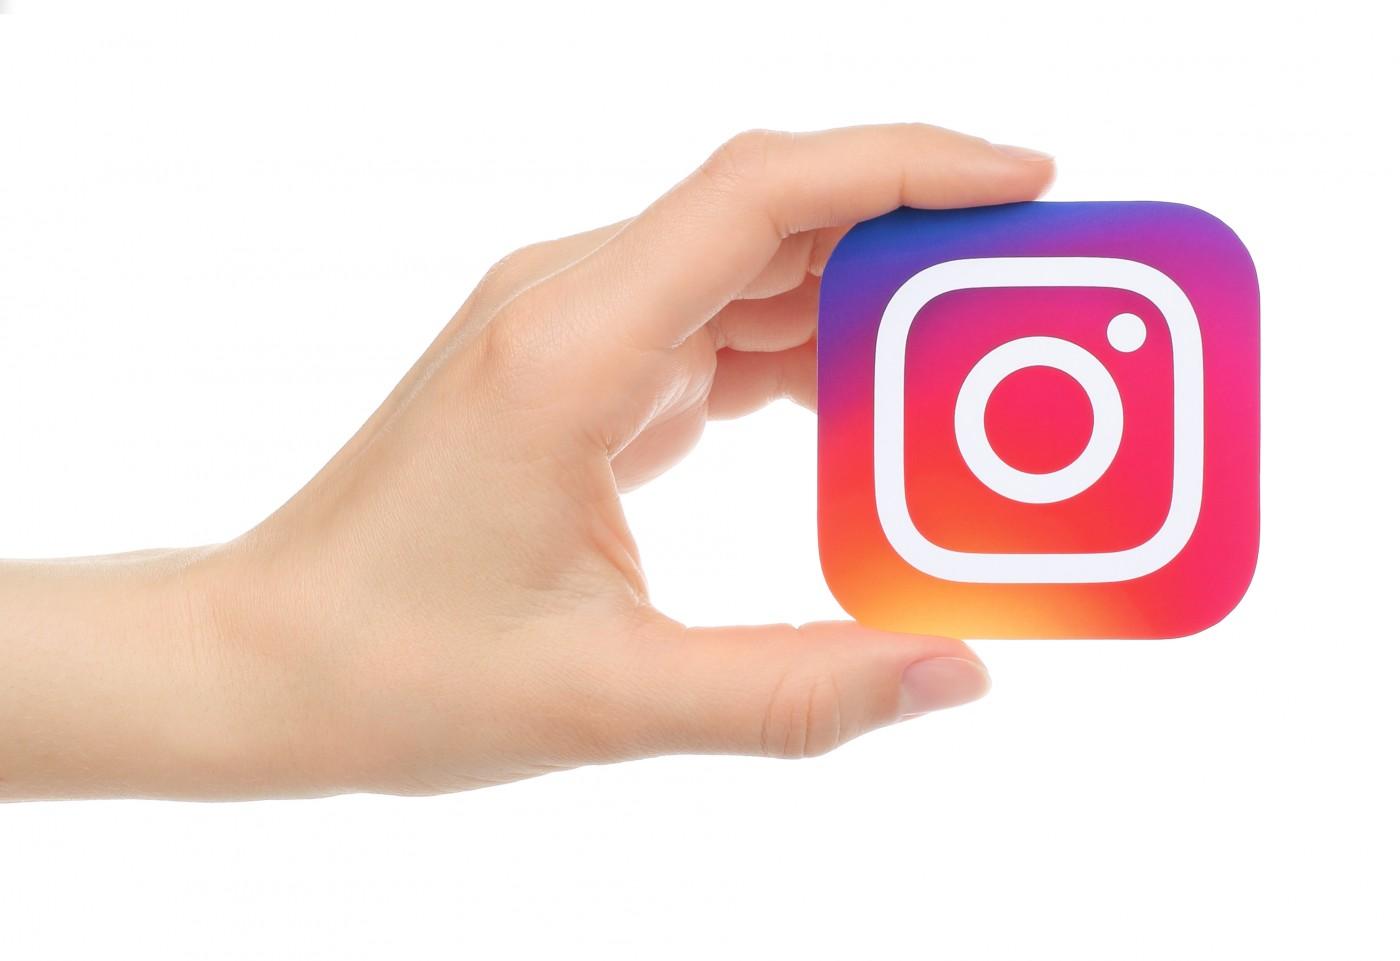 限時動態、主題標籤怎麼用?經營Instagram官方帳號的5大重點